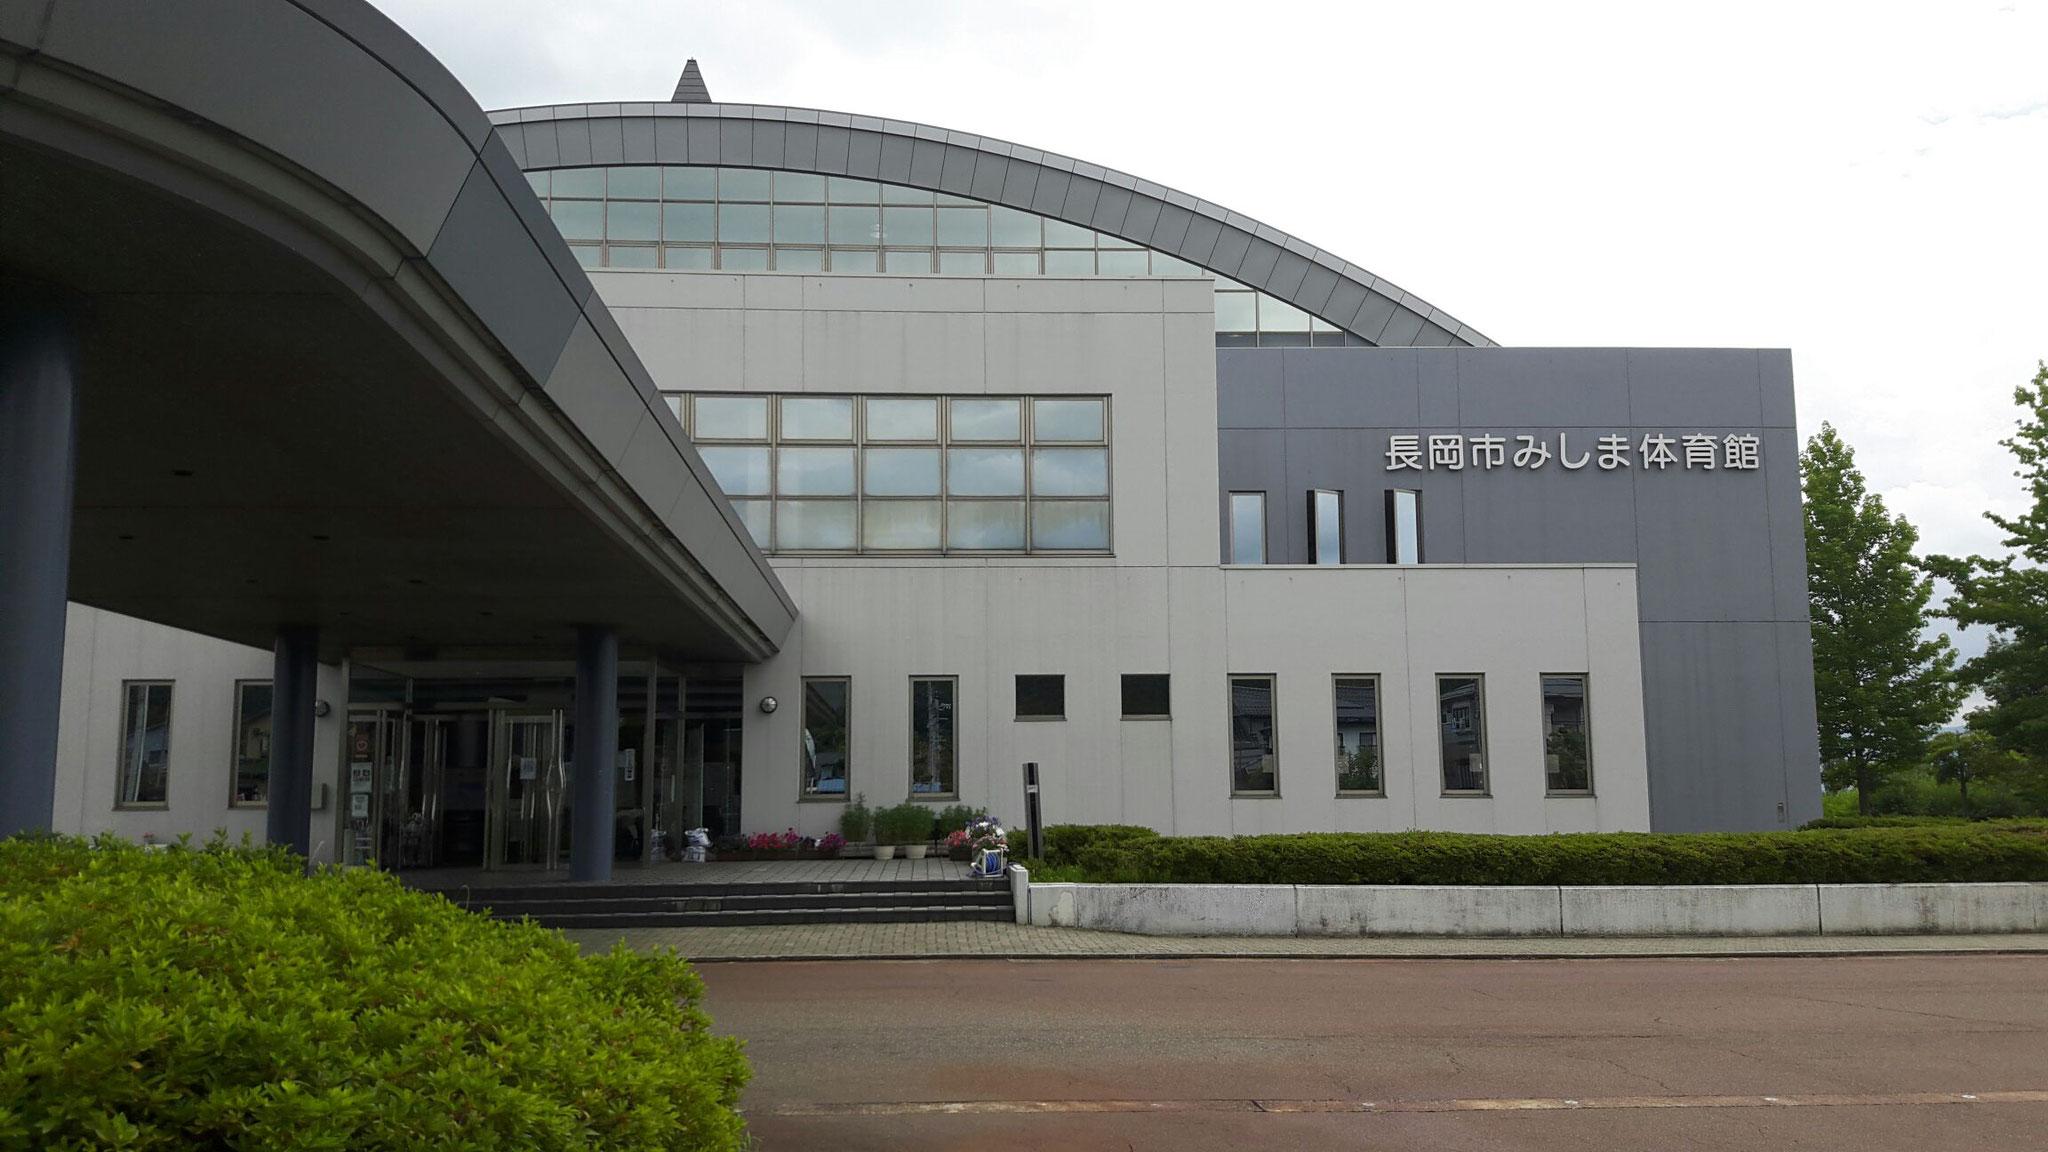 早起きして向かった先は、長岡市「みしま体育館」